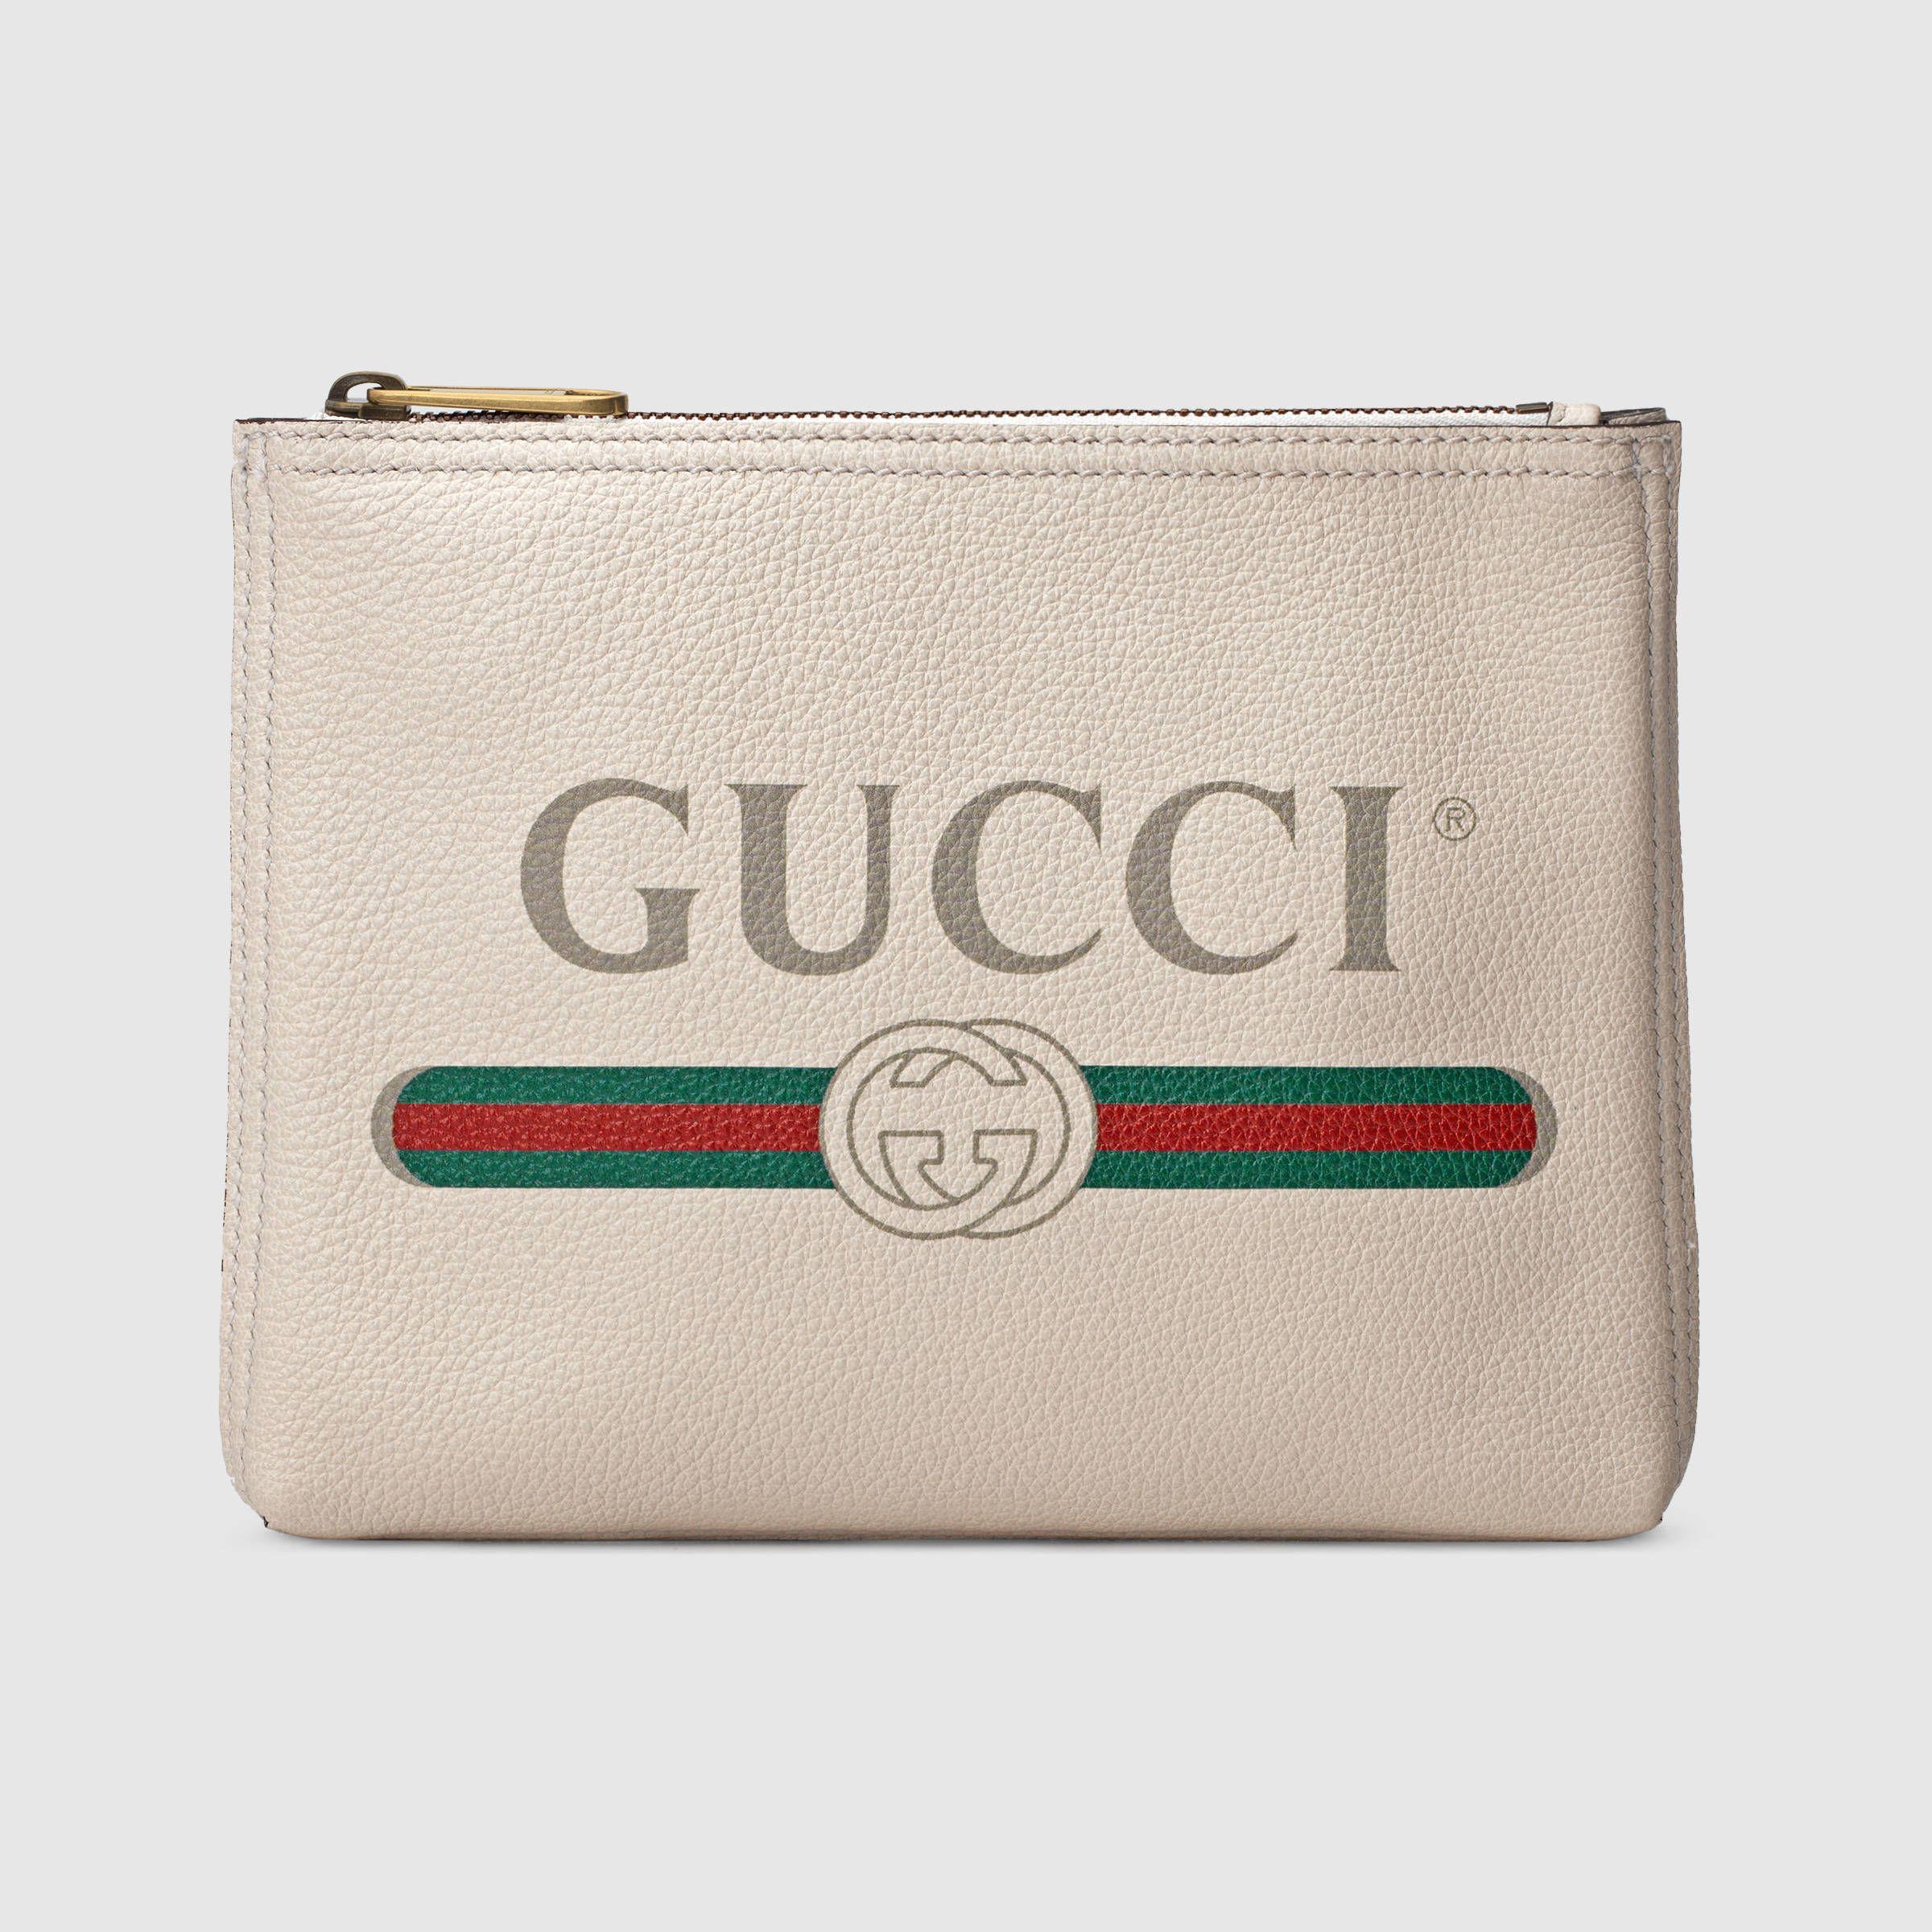 f0706427fe Gucci - Print leather small portfolio | Accessories | Gucci handbags ...